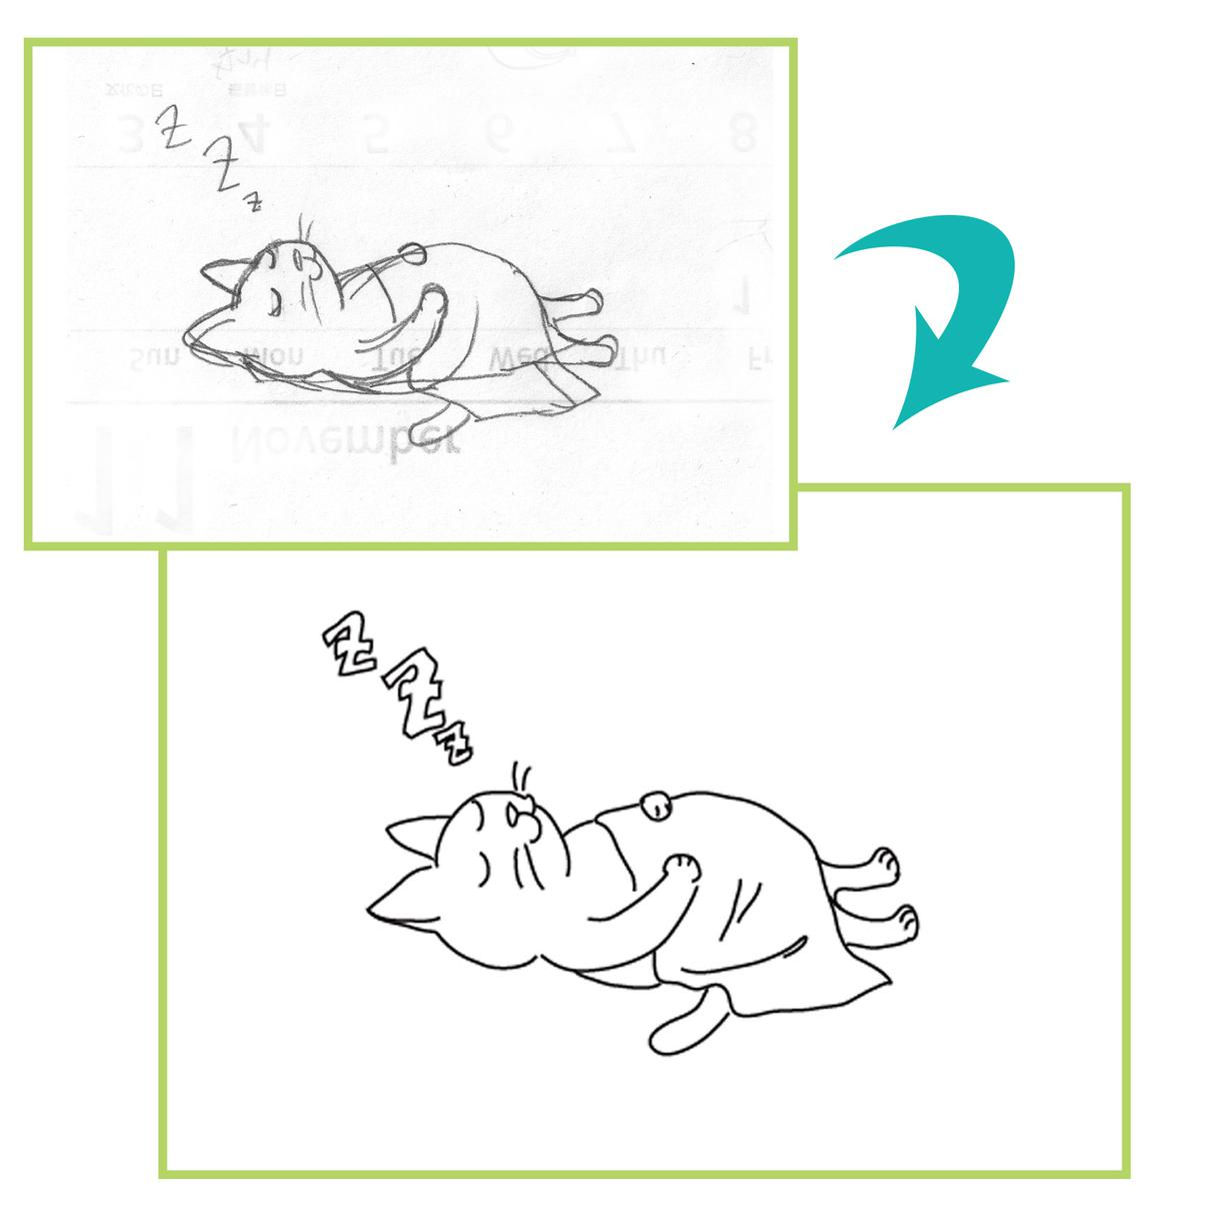 手描き・低解像度の画像をトレースします アナログ画像のデジタル移行、手描きイラストのデータ化など